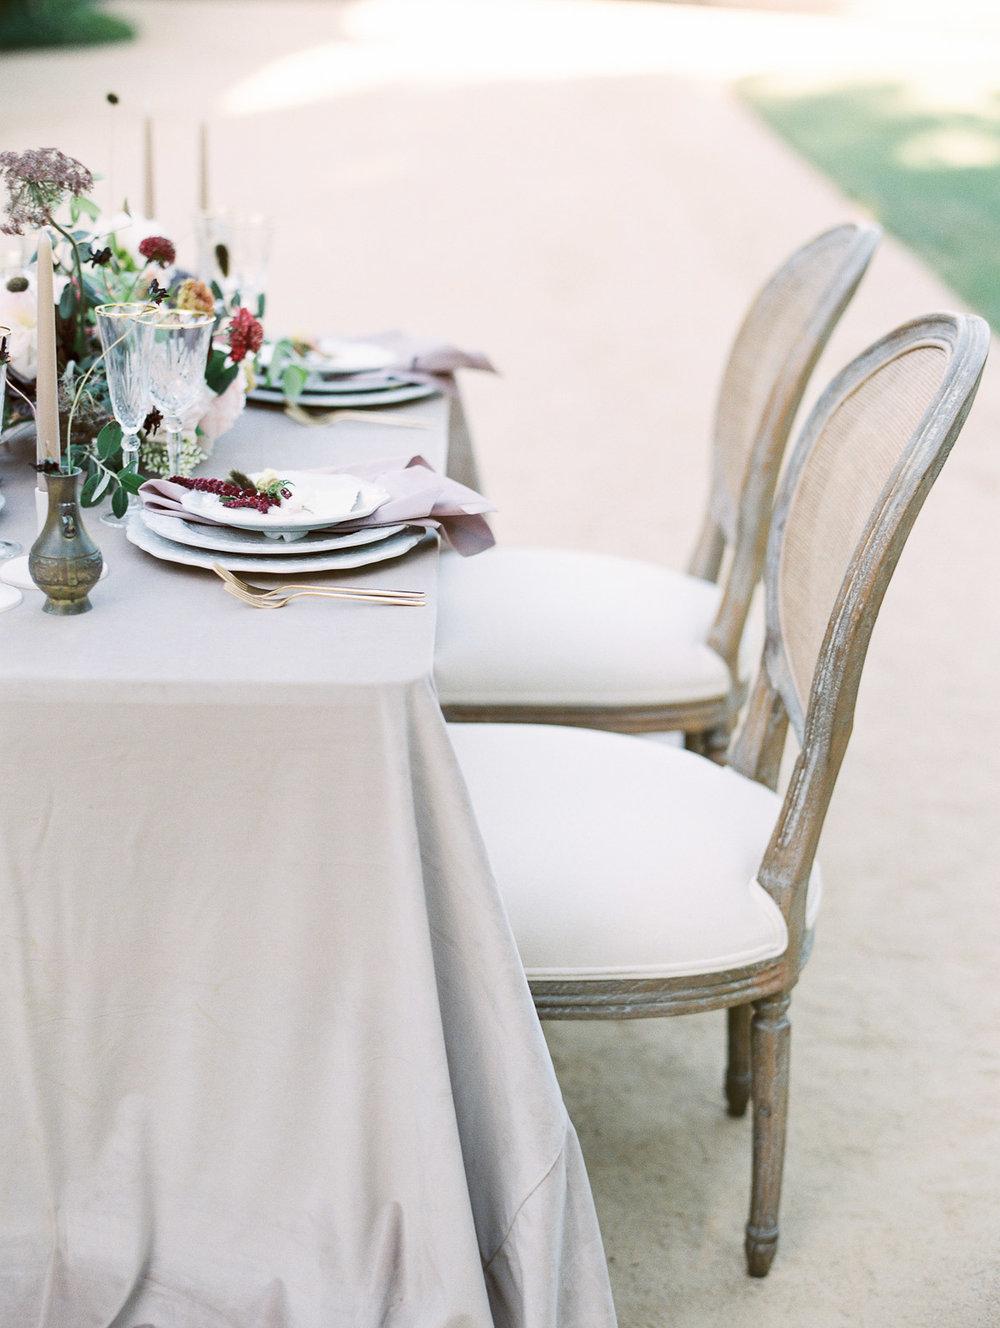 kestrel-park-wedding-photographer-39.jpg